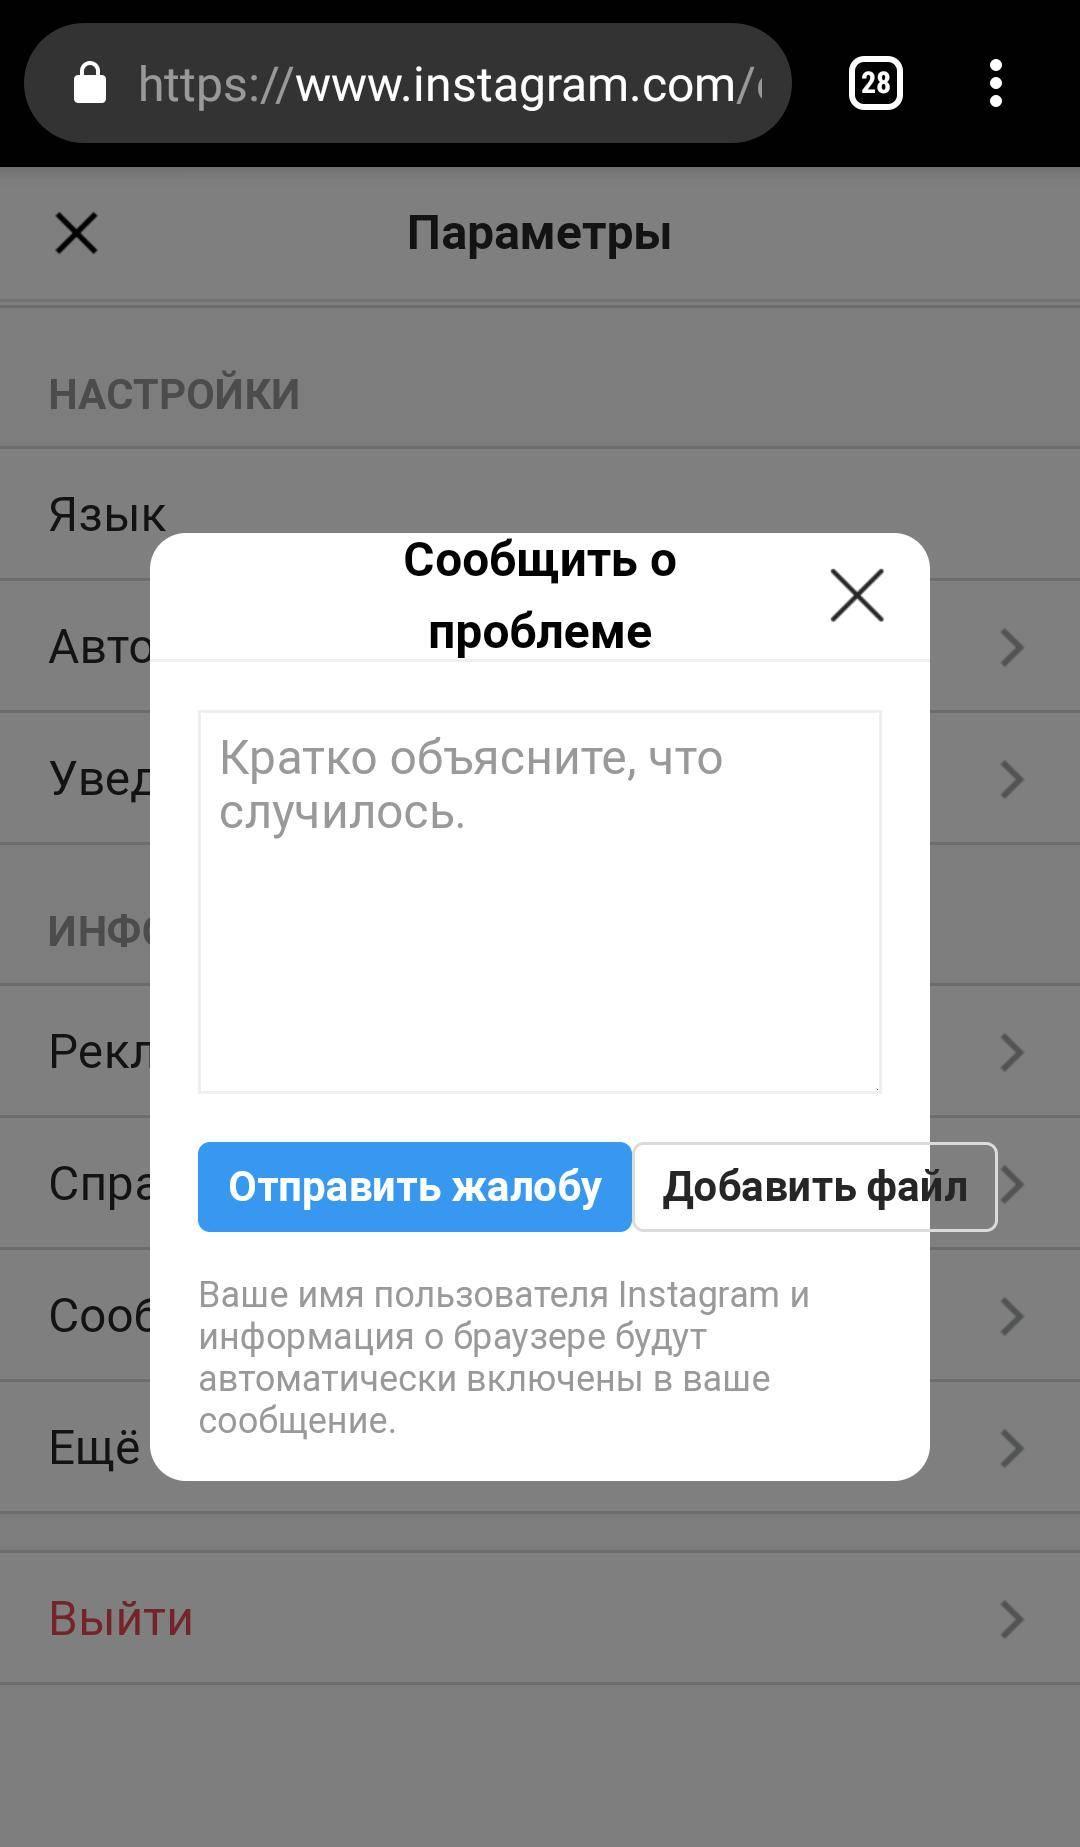 Как написать в службу поддержки instagram из приложения или браузера